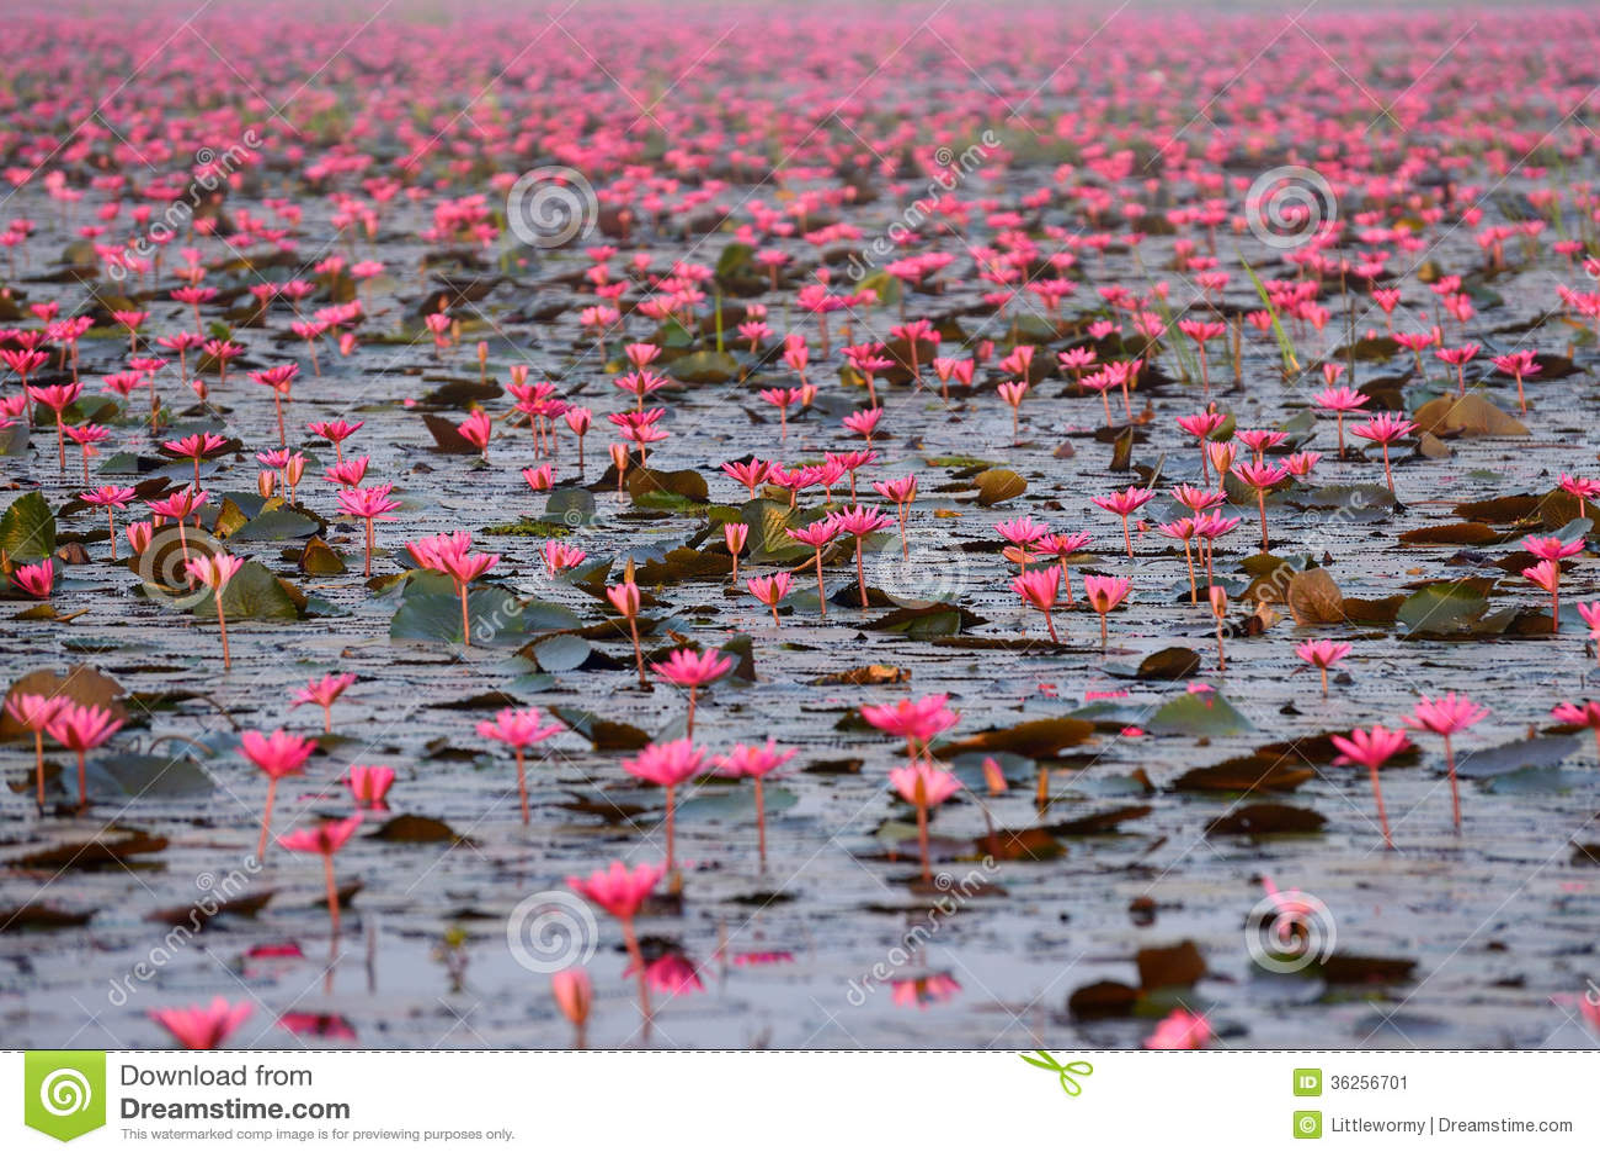 Red Lotus Pond Stock Image Image Of Fresh Pool Flora